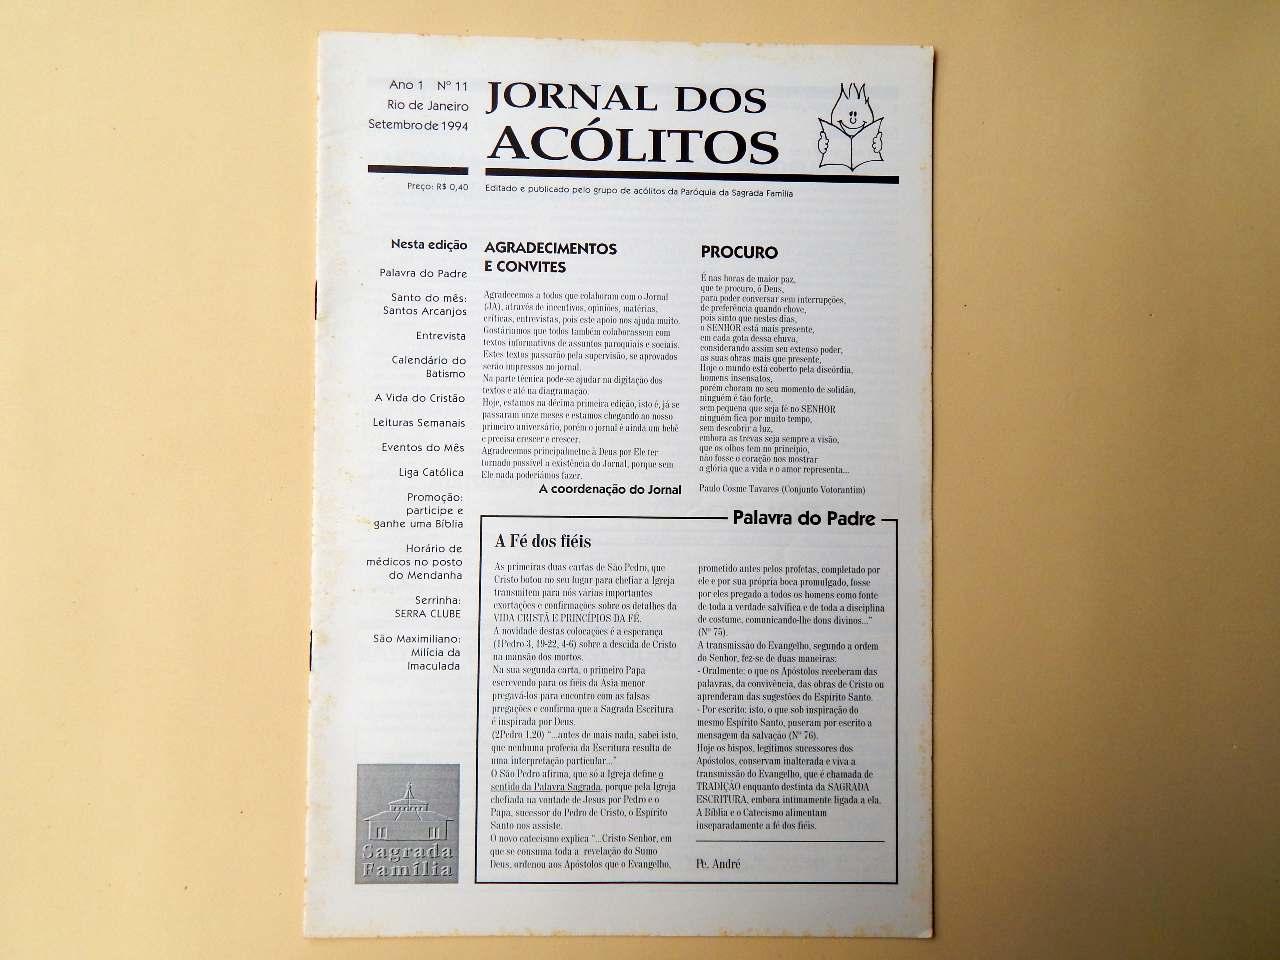 Jornal dos Acólitos